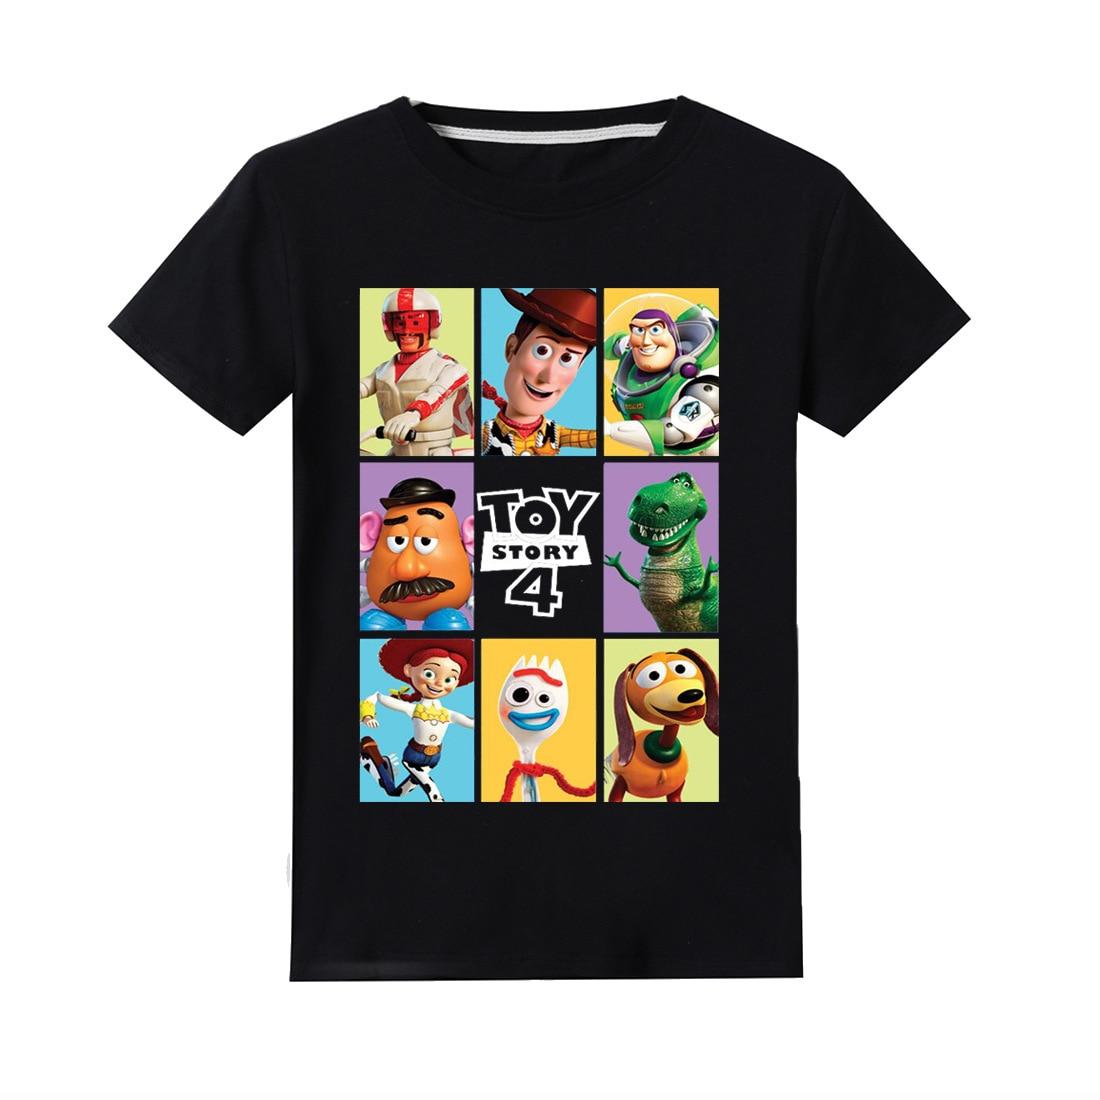 Ryan Toys Review/Новые футболки для мальчиков и девочек топы в полоску с мультяшным принтом, хлопковая Футболка для детей, Рождественская Одежда